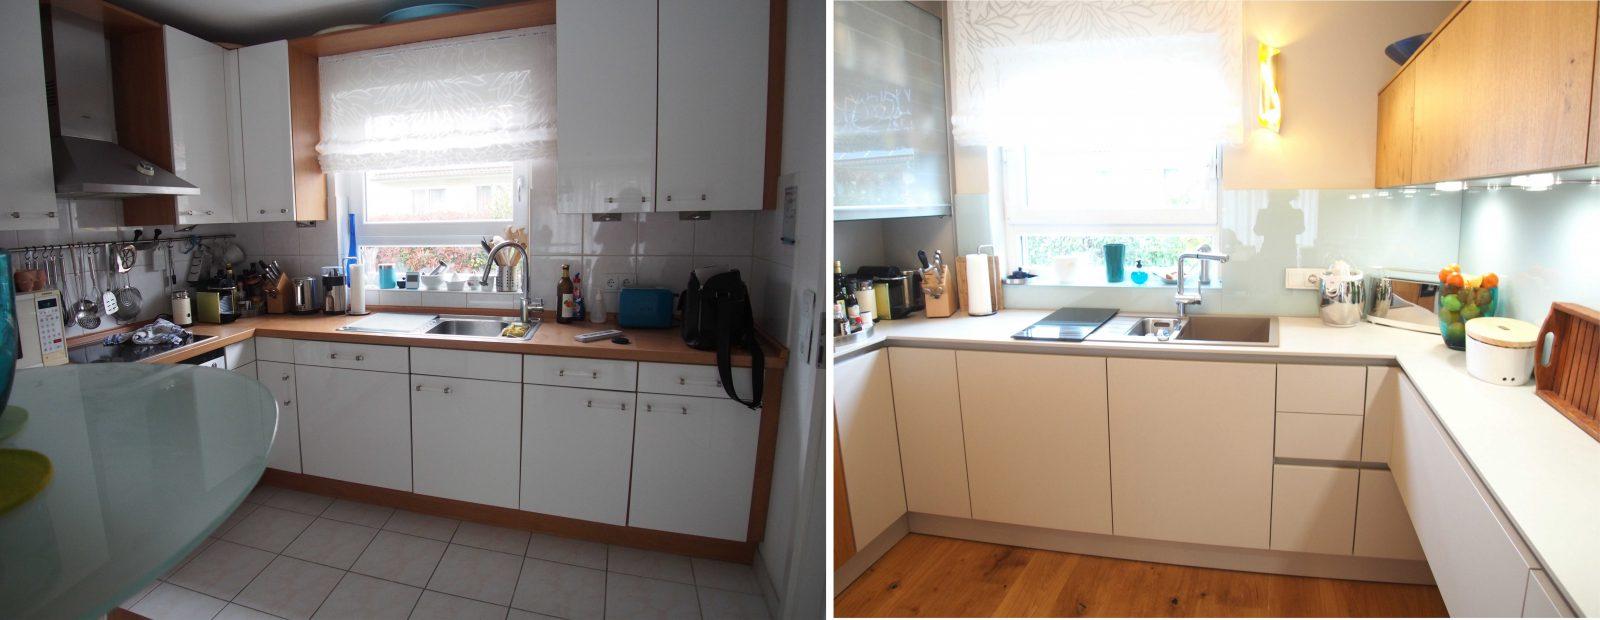 hornbach k che lackieren fliesen streichen k che wandfliesen streichen einfach. Black Bedroom Furniture Sets. Home Design Ideas